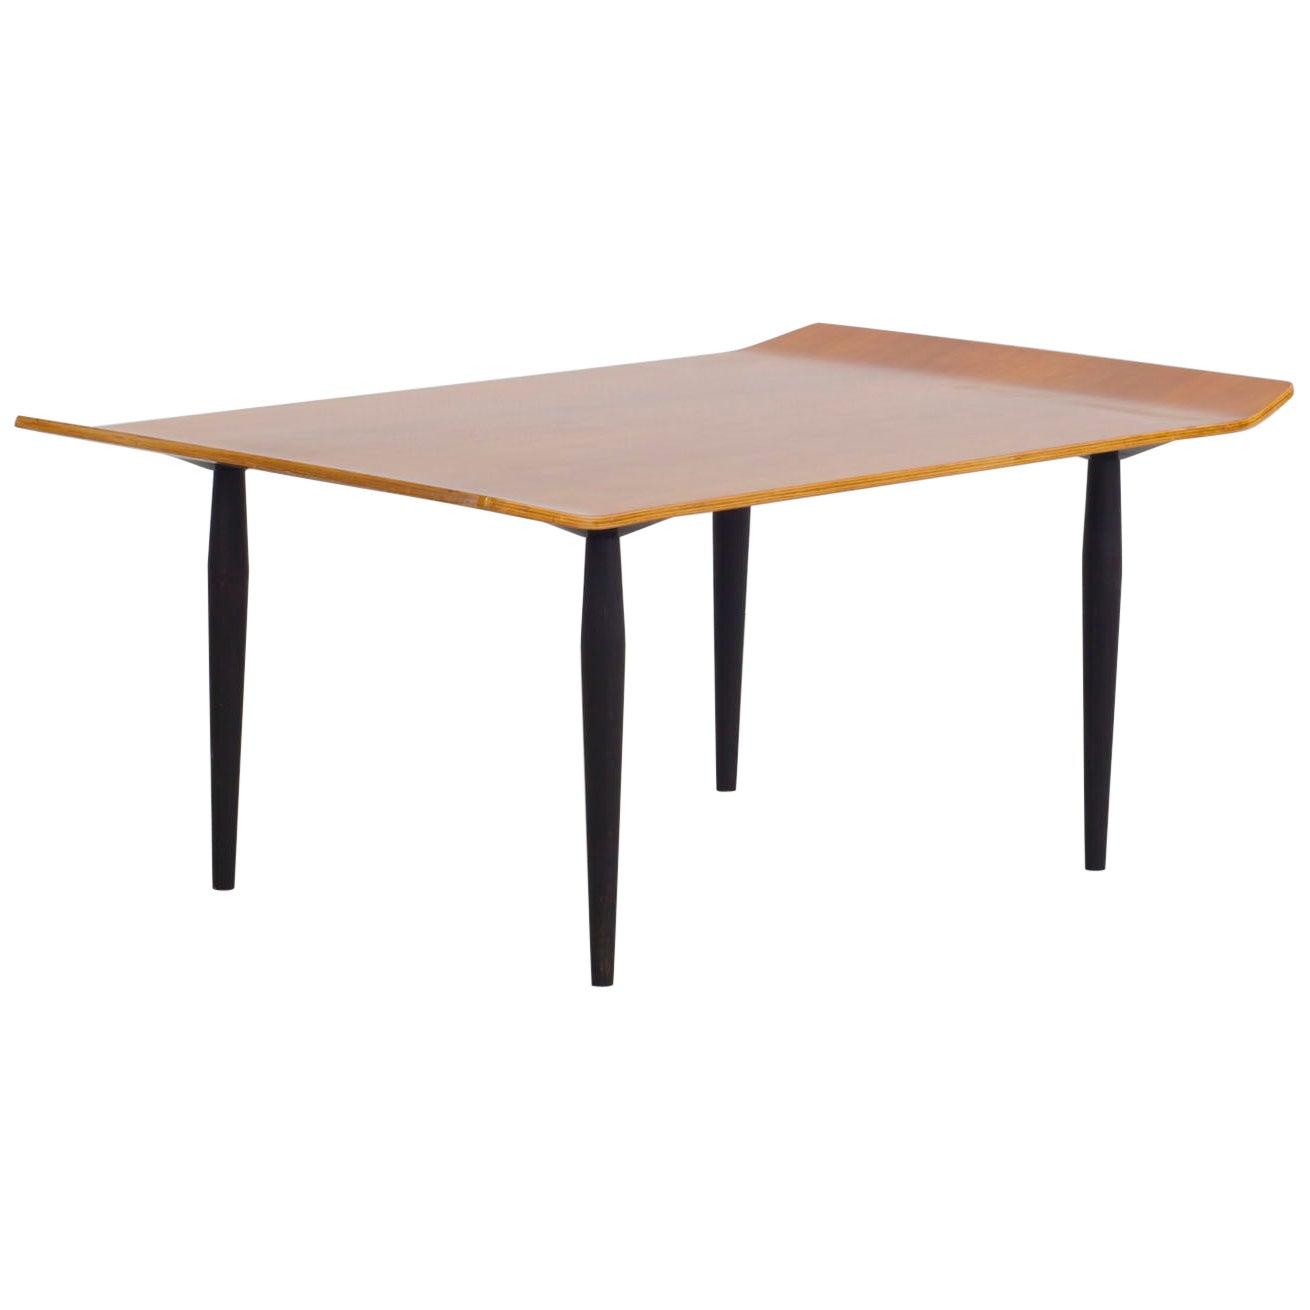 Eugenio Gerli & Osvaldo Borsani Mahogany Plywood Coffee Table, Tecno, Italy